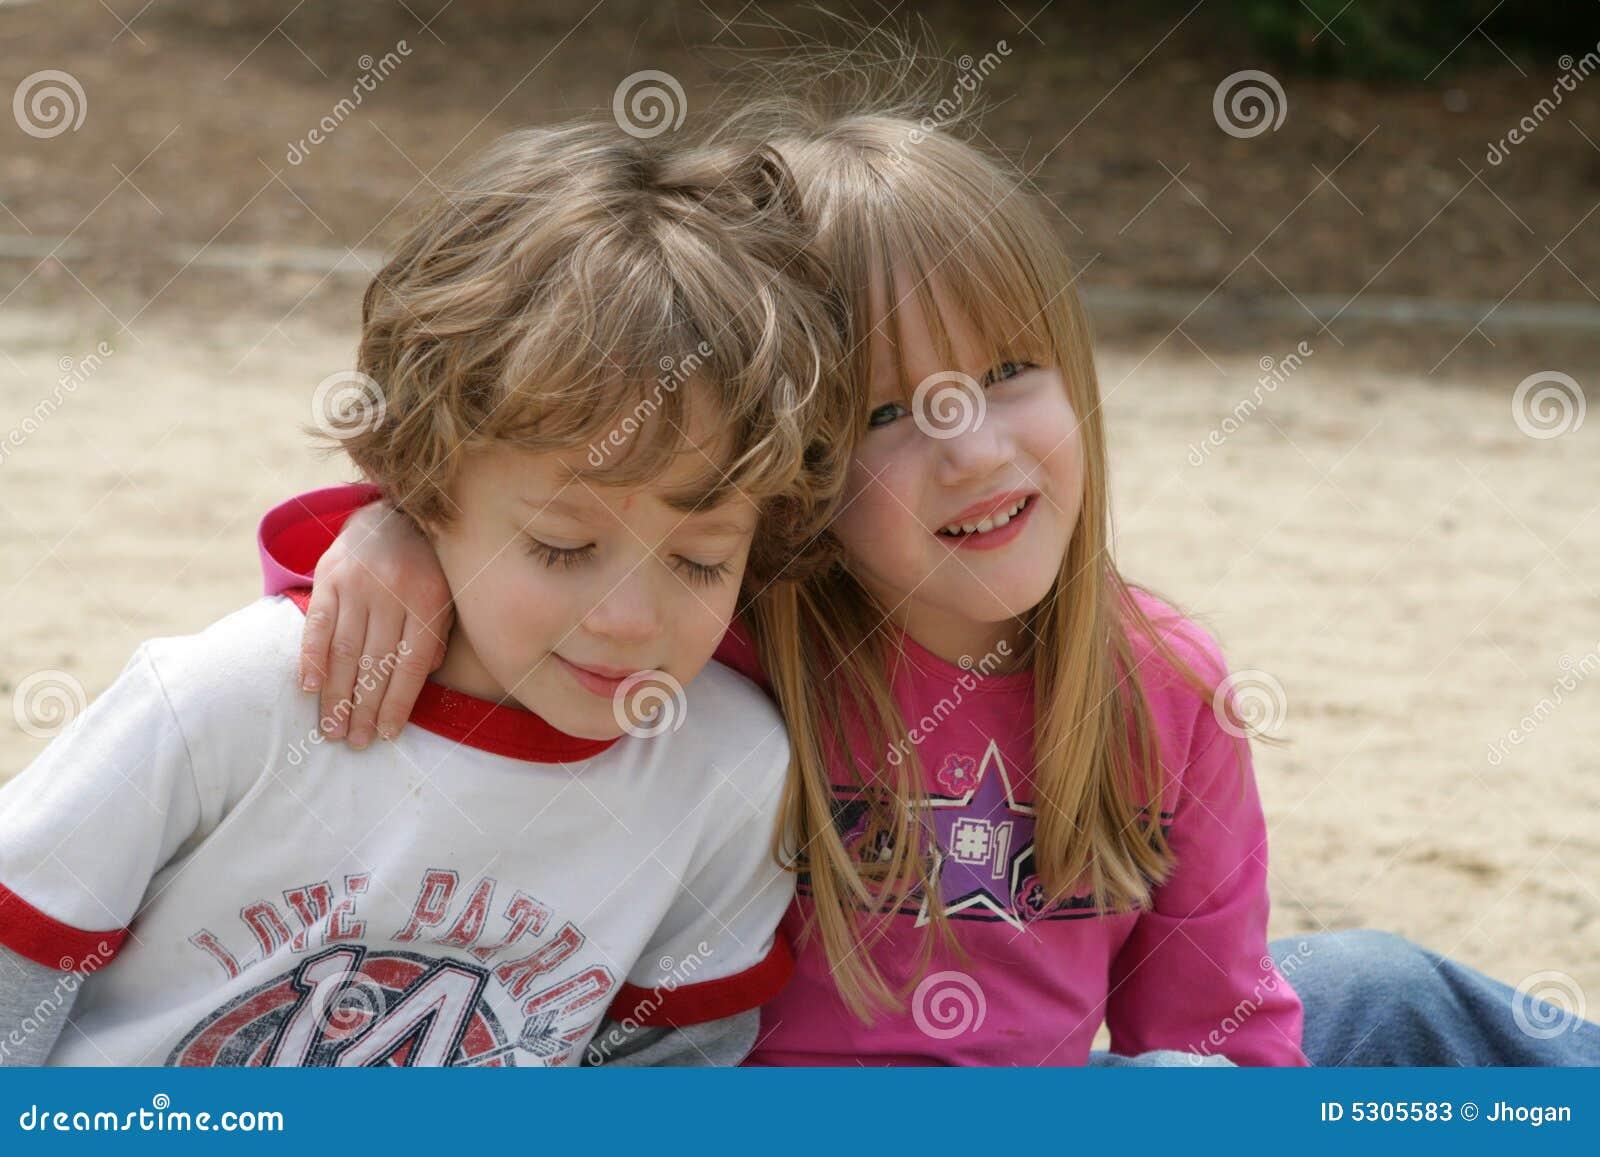 kids at 2 - photo #27